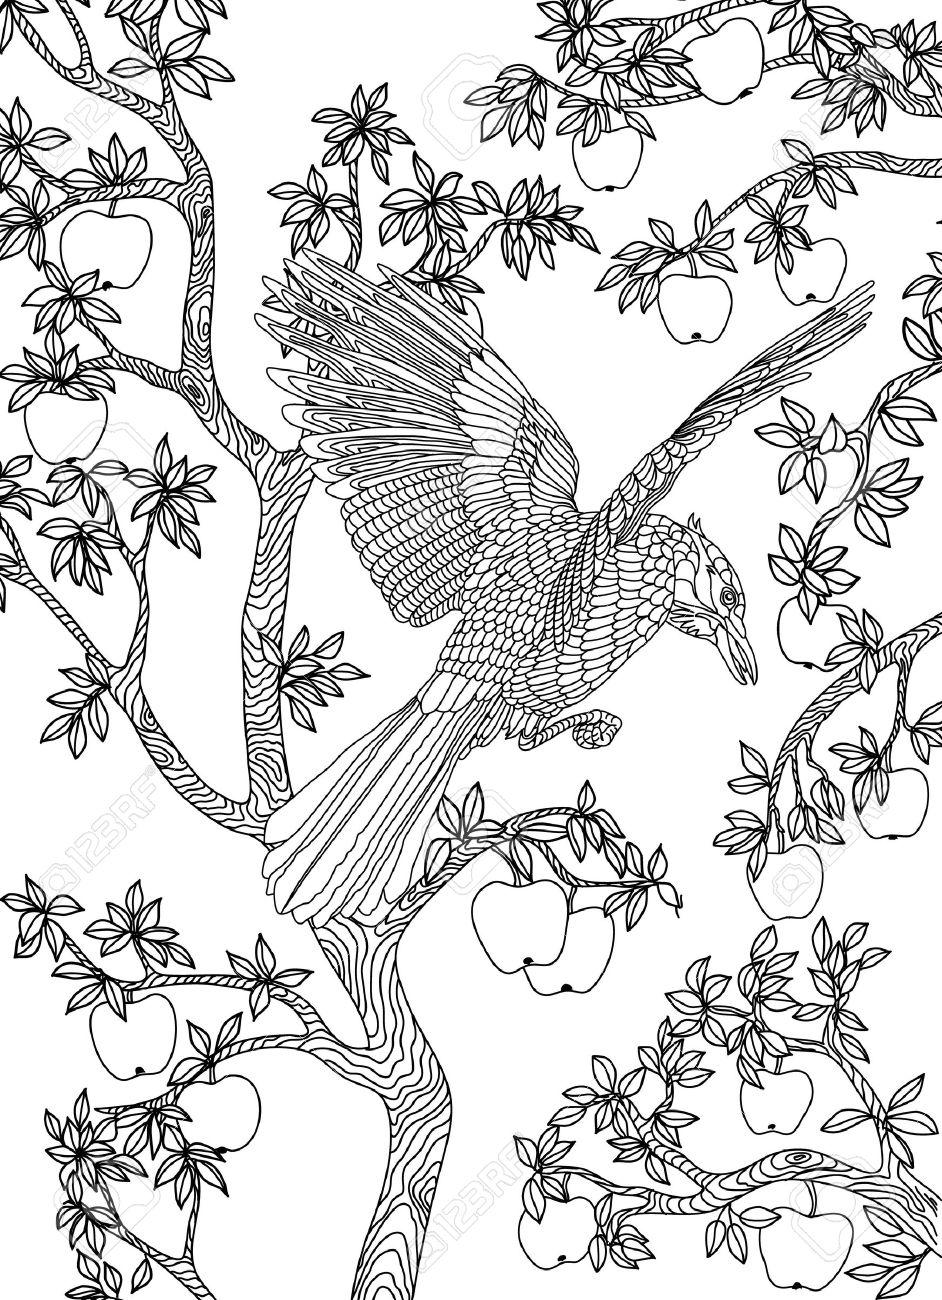 Dibujado A Mano Pájaro - Cuervo En Una Rama De árbol De Manzana ...